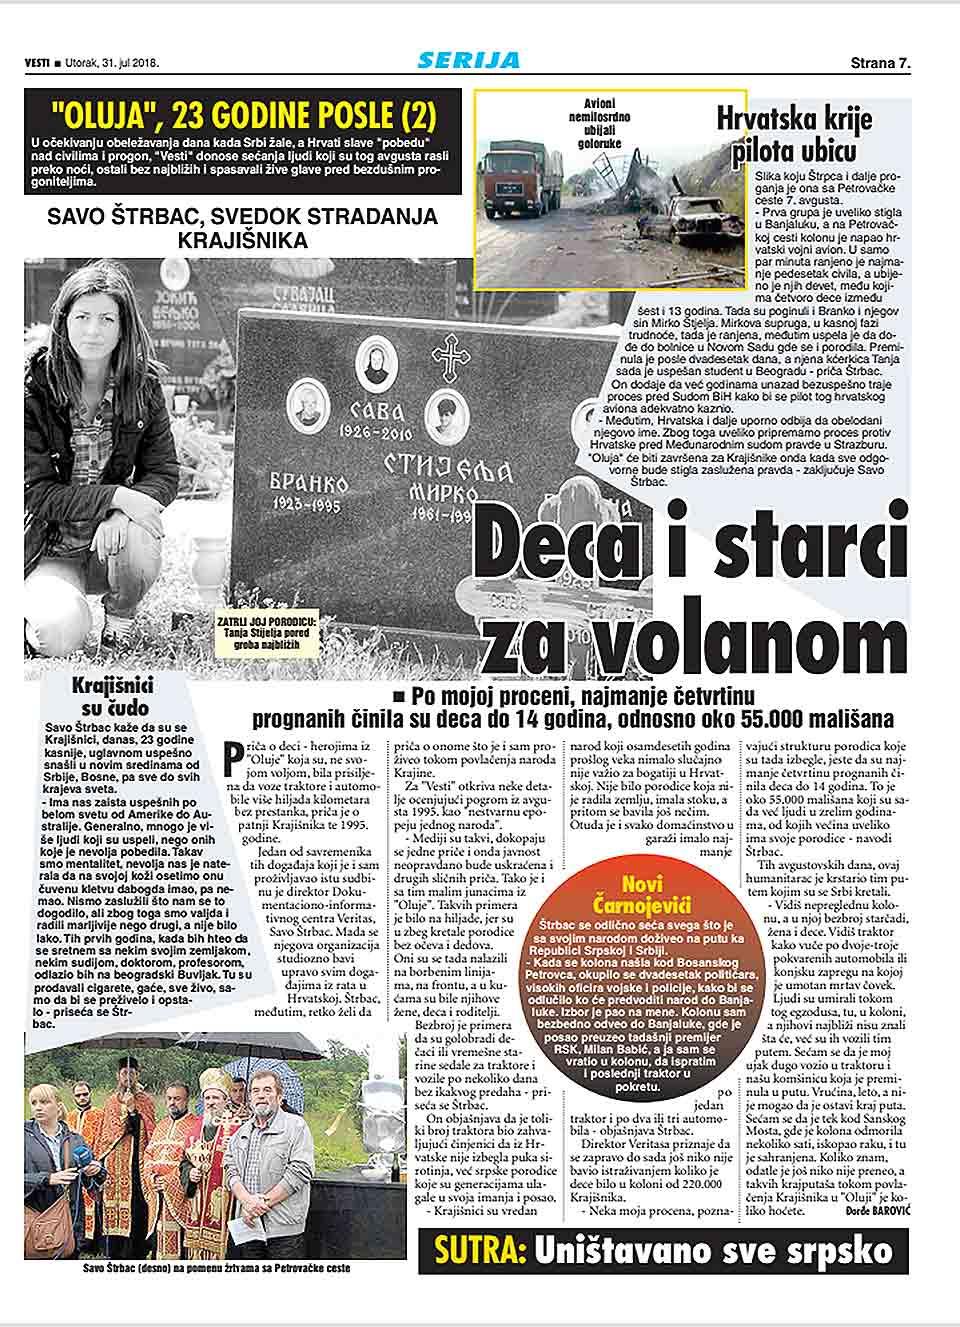 """Vesti, 31.07.2018, """"Oluja"""", 23 godine posle (2): Deca i starci za volanom"""